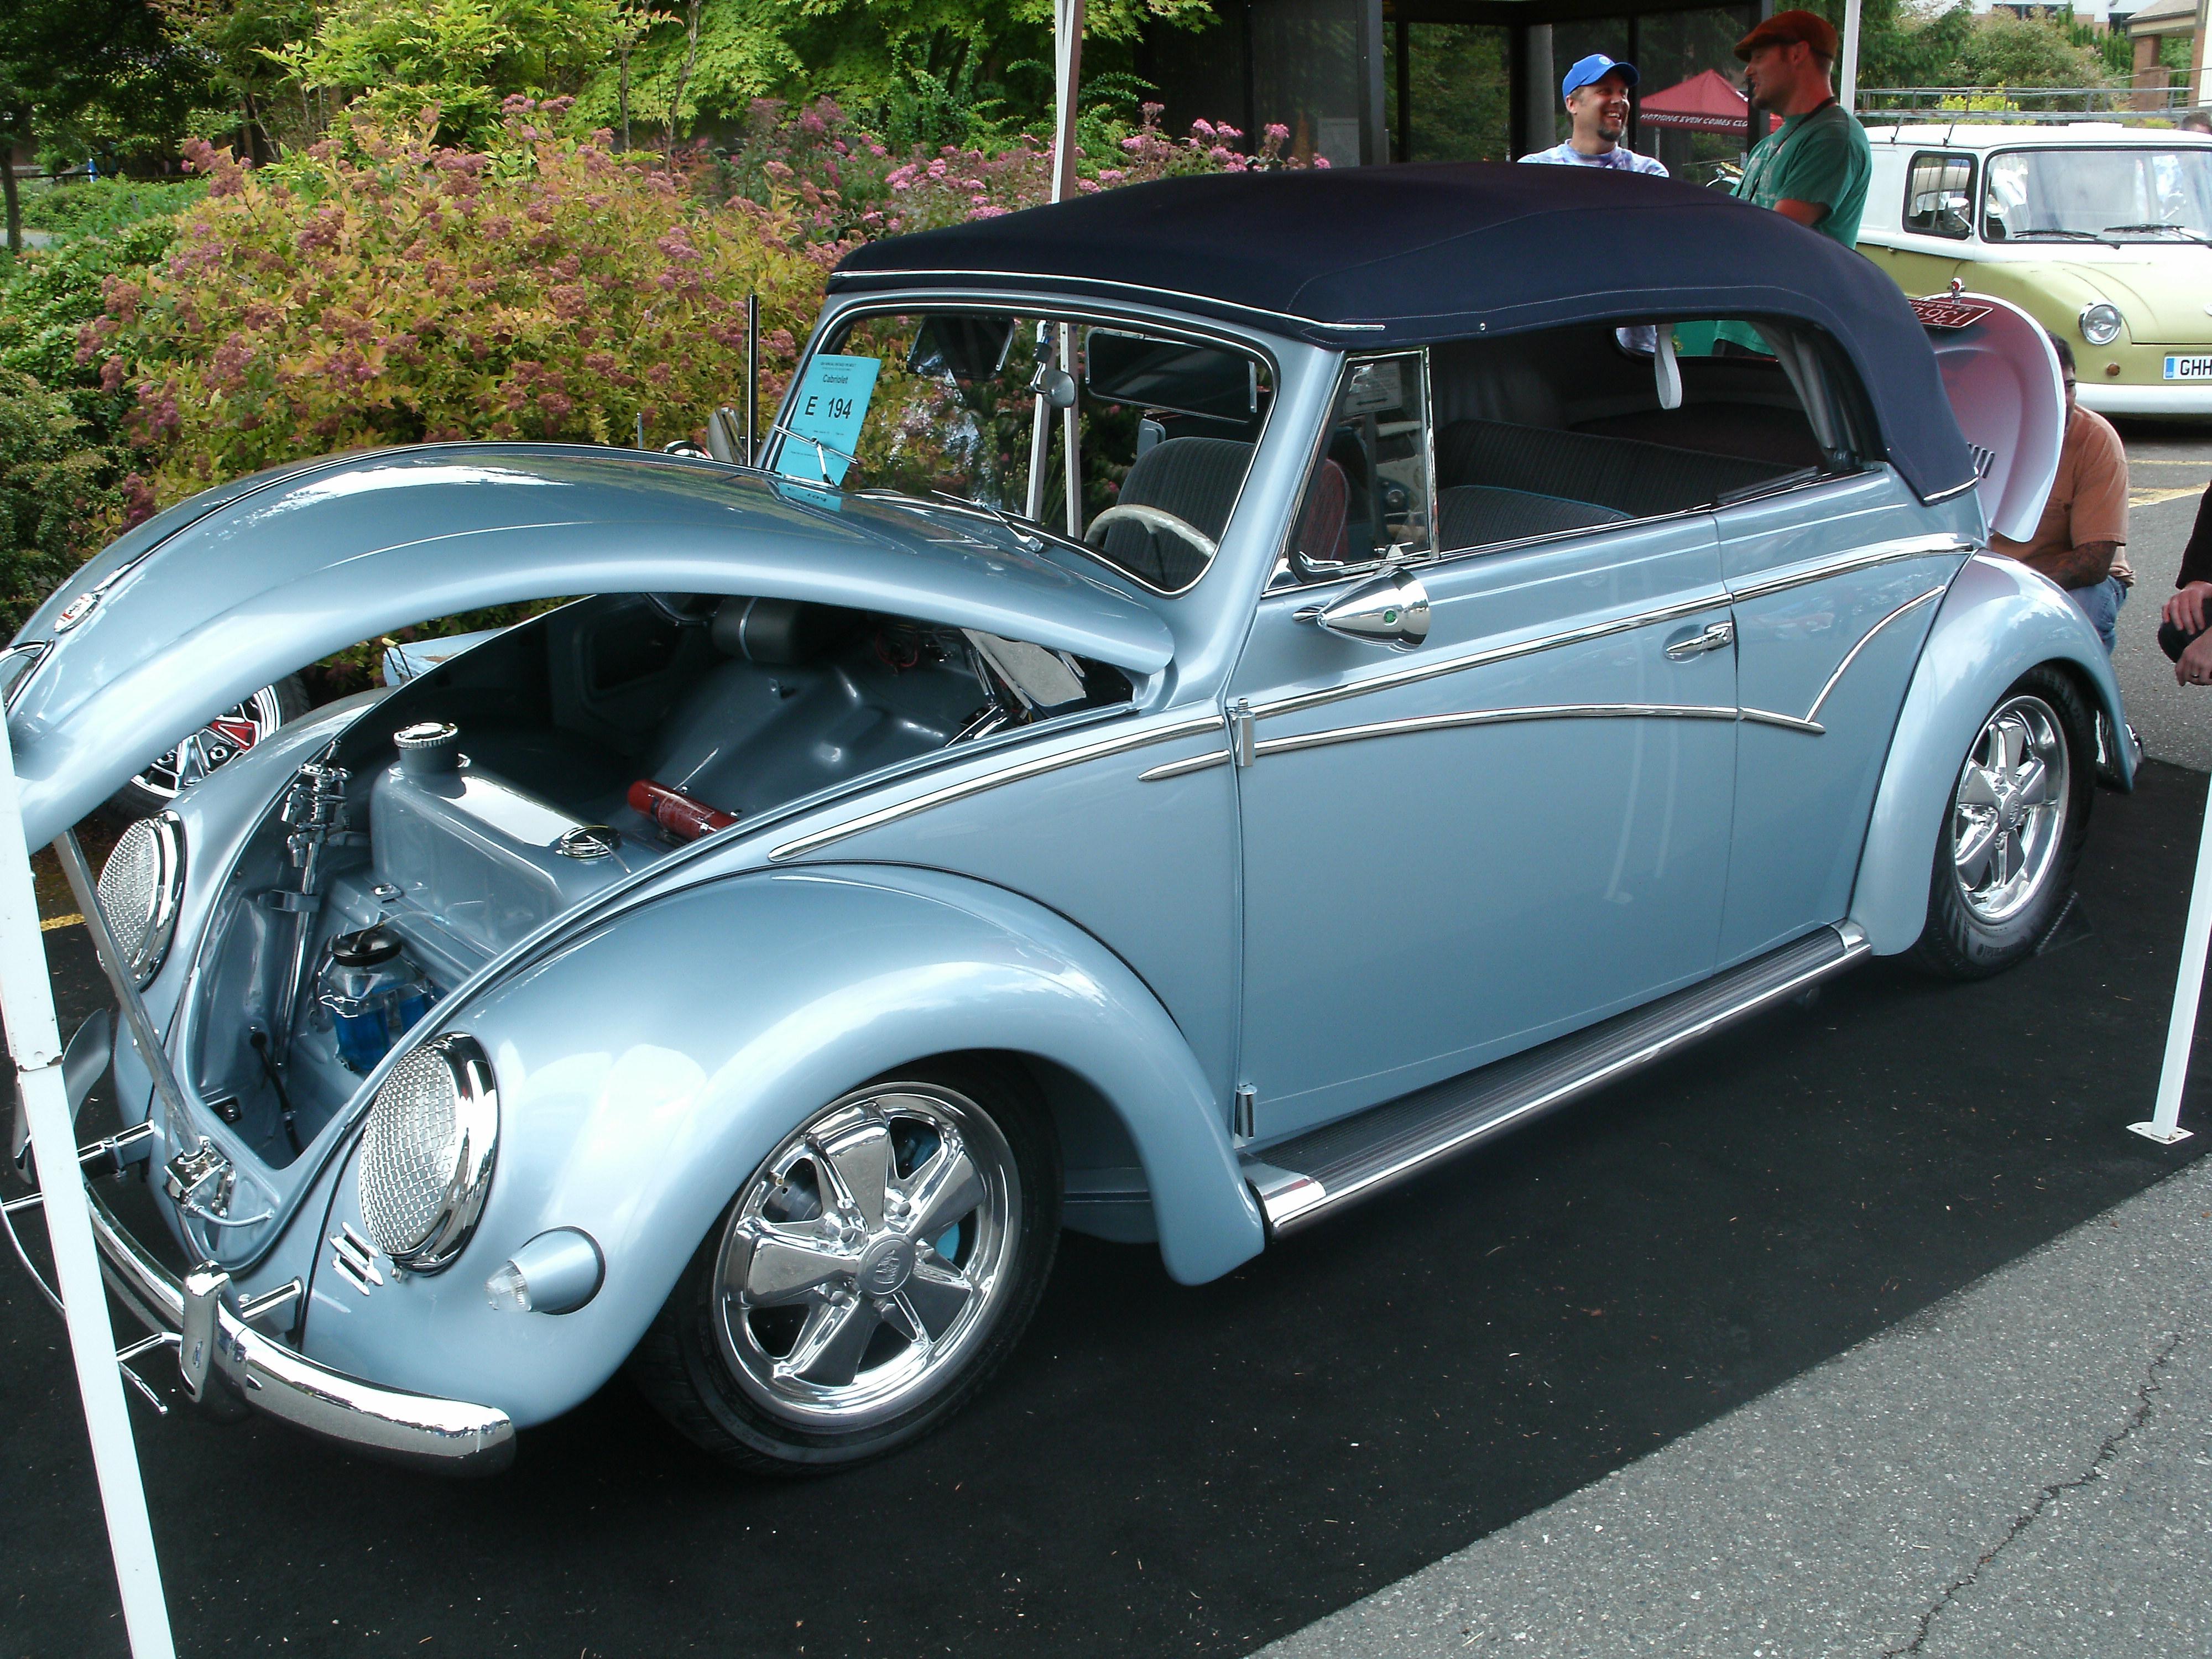 news craigslist latest profile ibeetle beetle topics google volkswagen